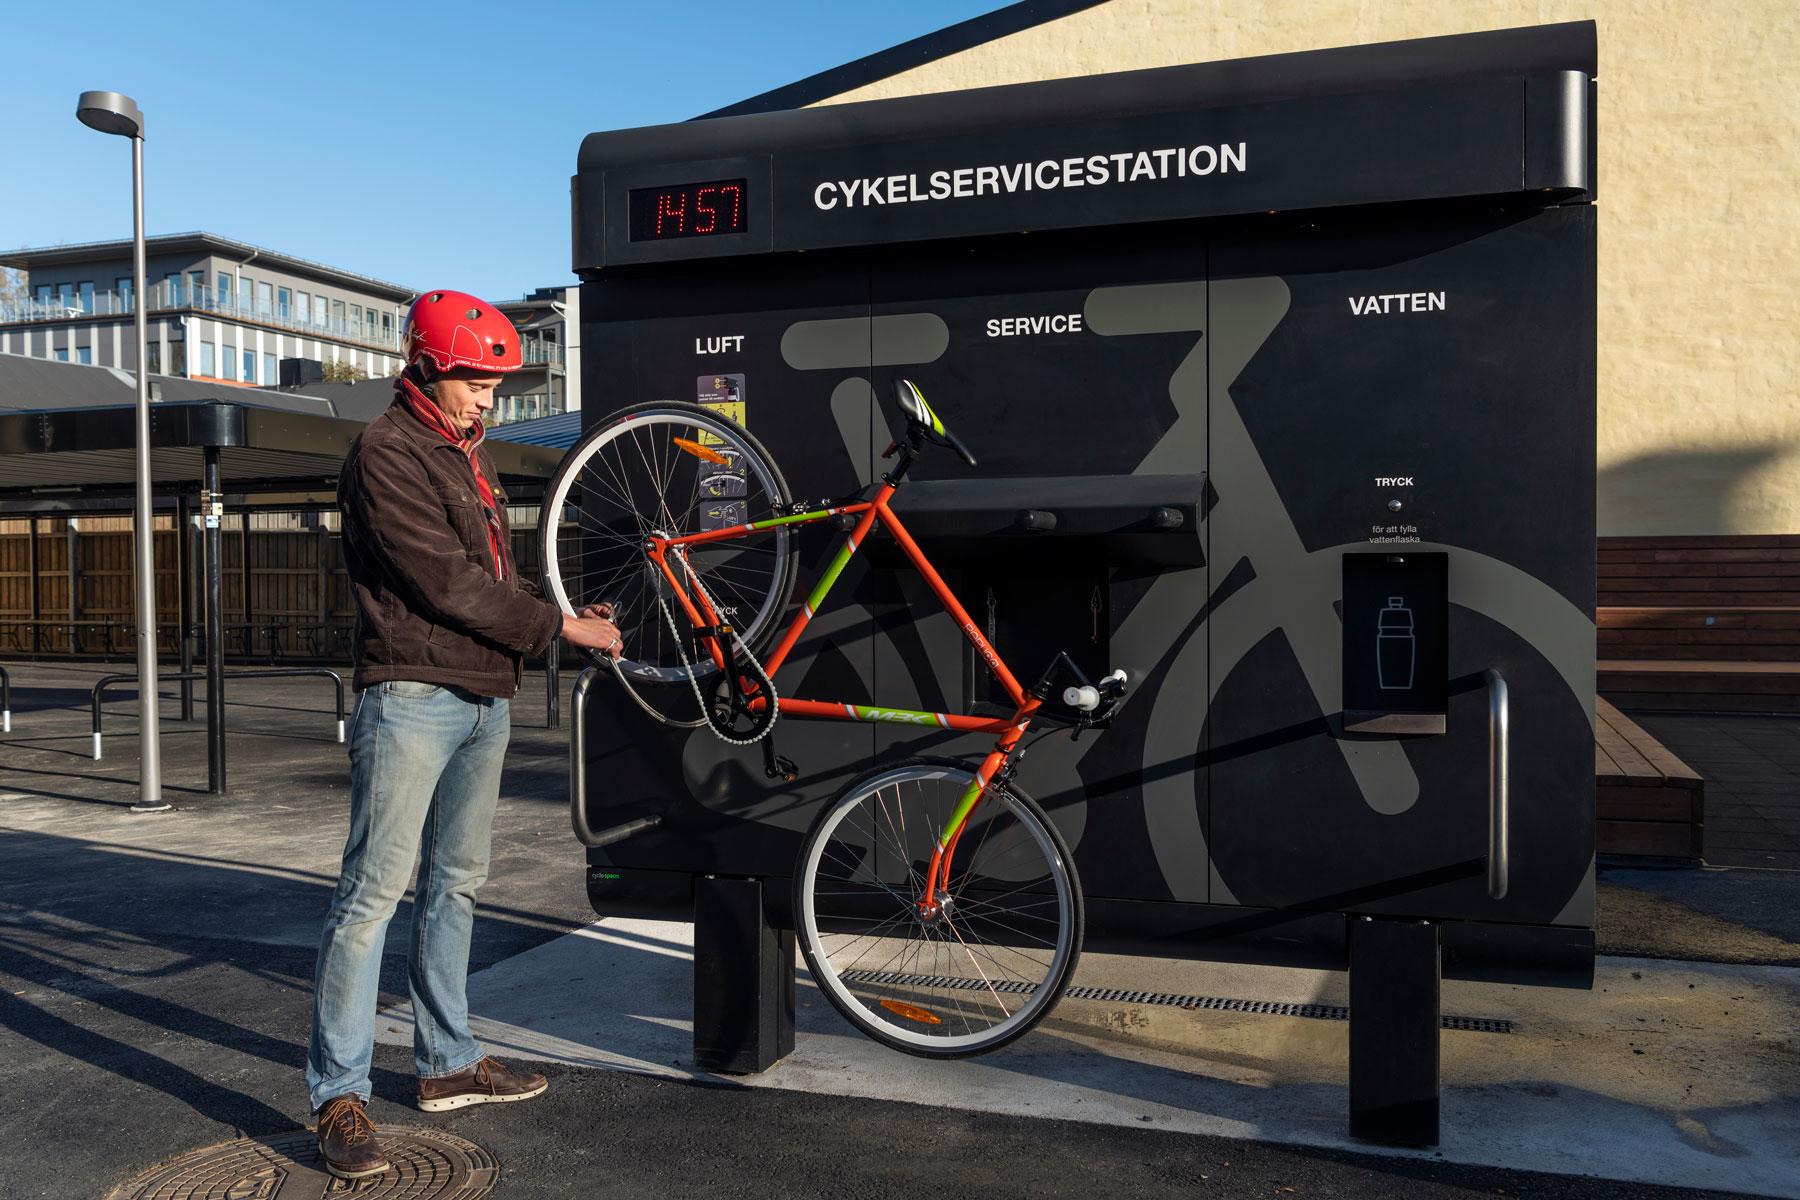 En cyklist i röd hjälm pumpar sin rödgröna cykeln som är upphängd på cykelservicestationen GRAND från Cyklos